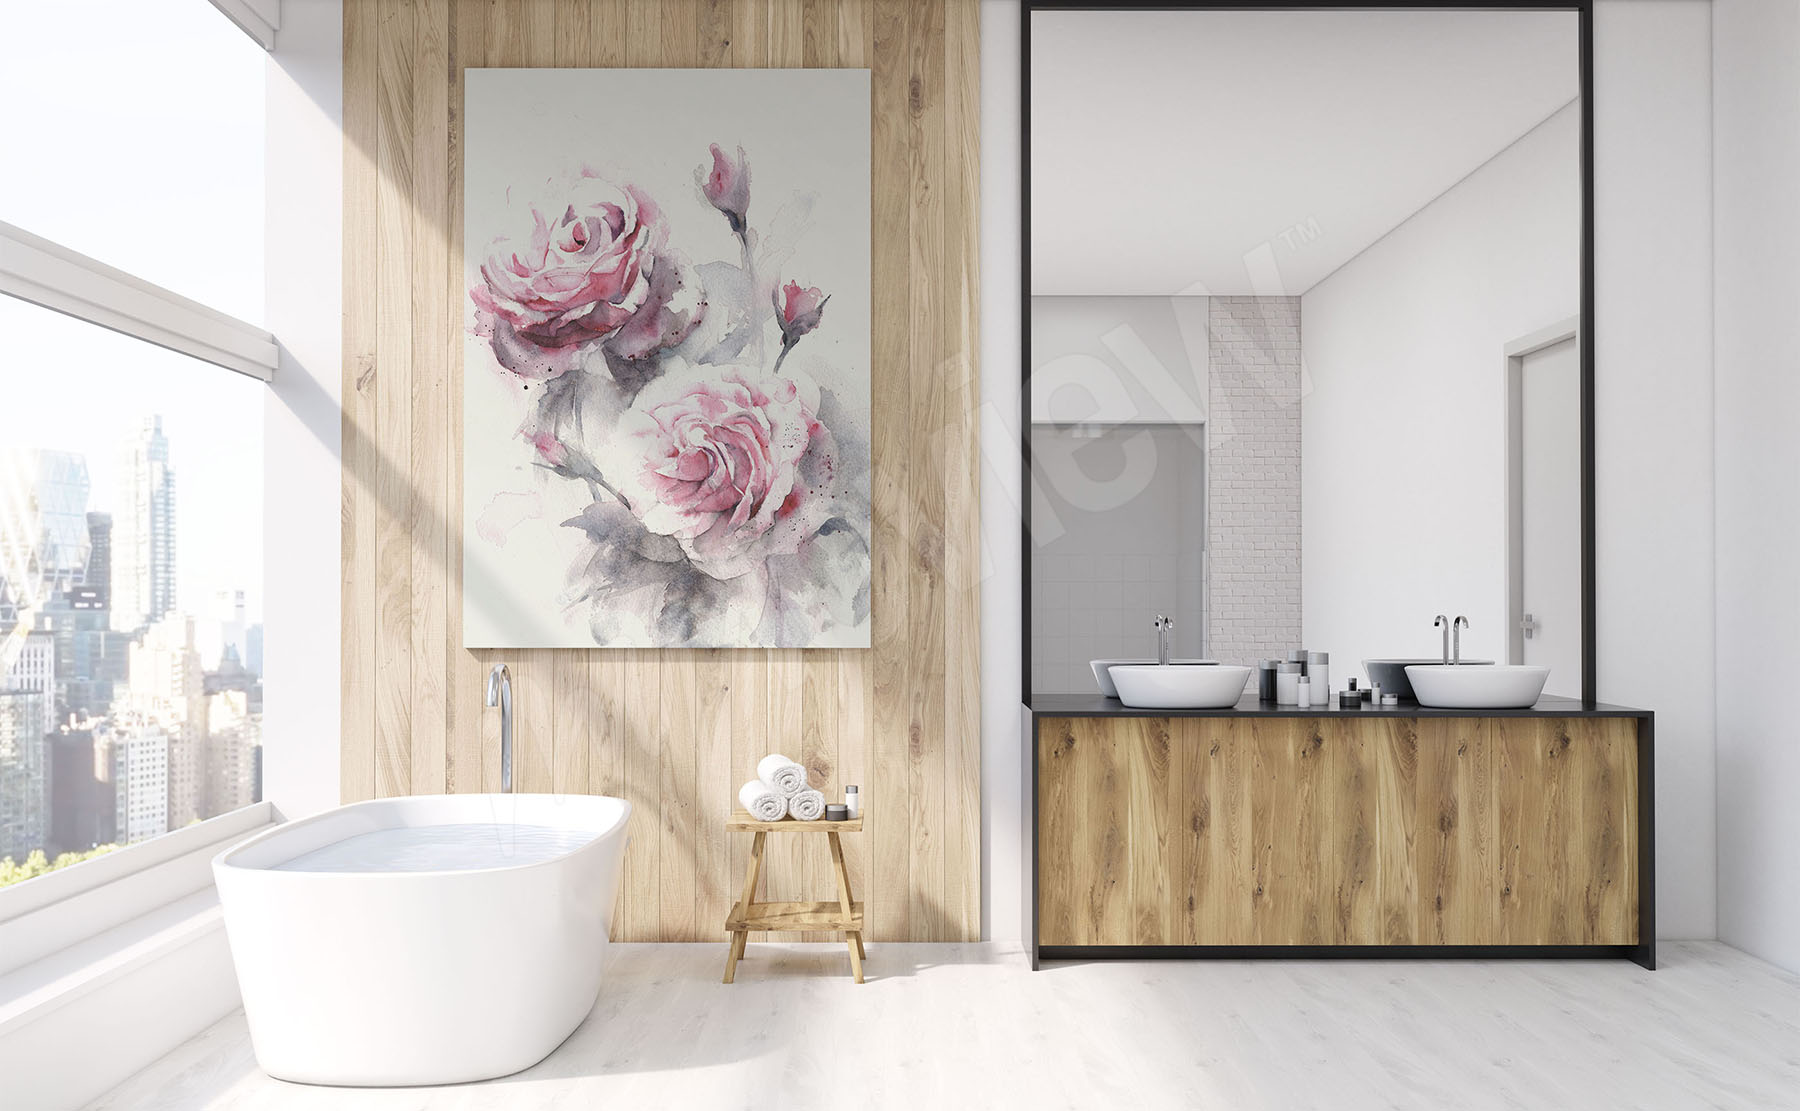 Salle De Bain Motif Fleur ~ images salle de bains mur aux dimensions myloview fr